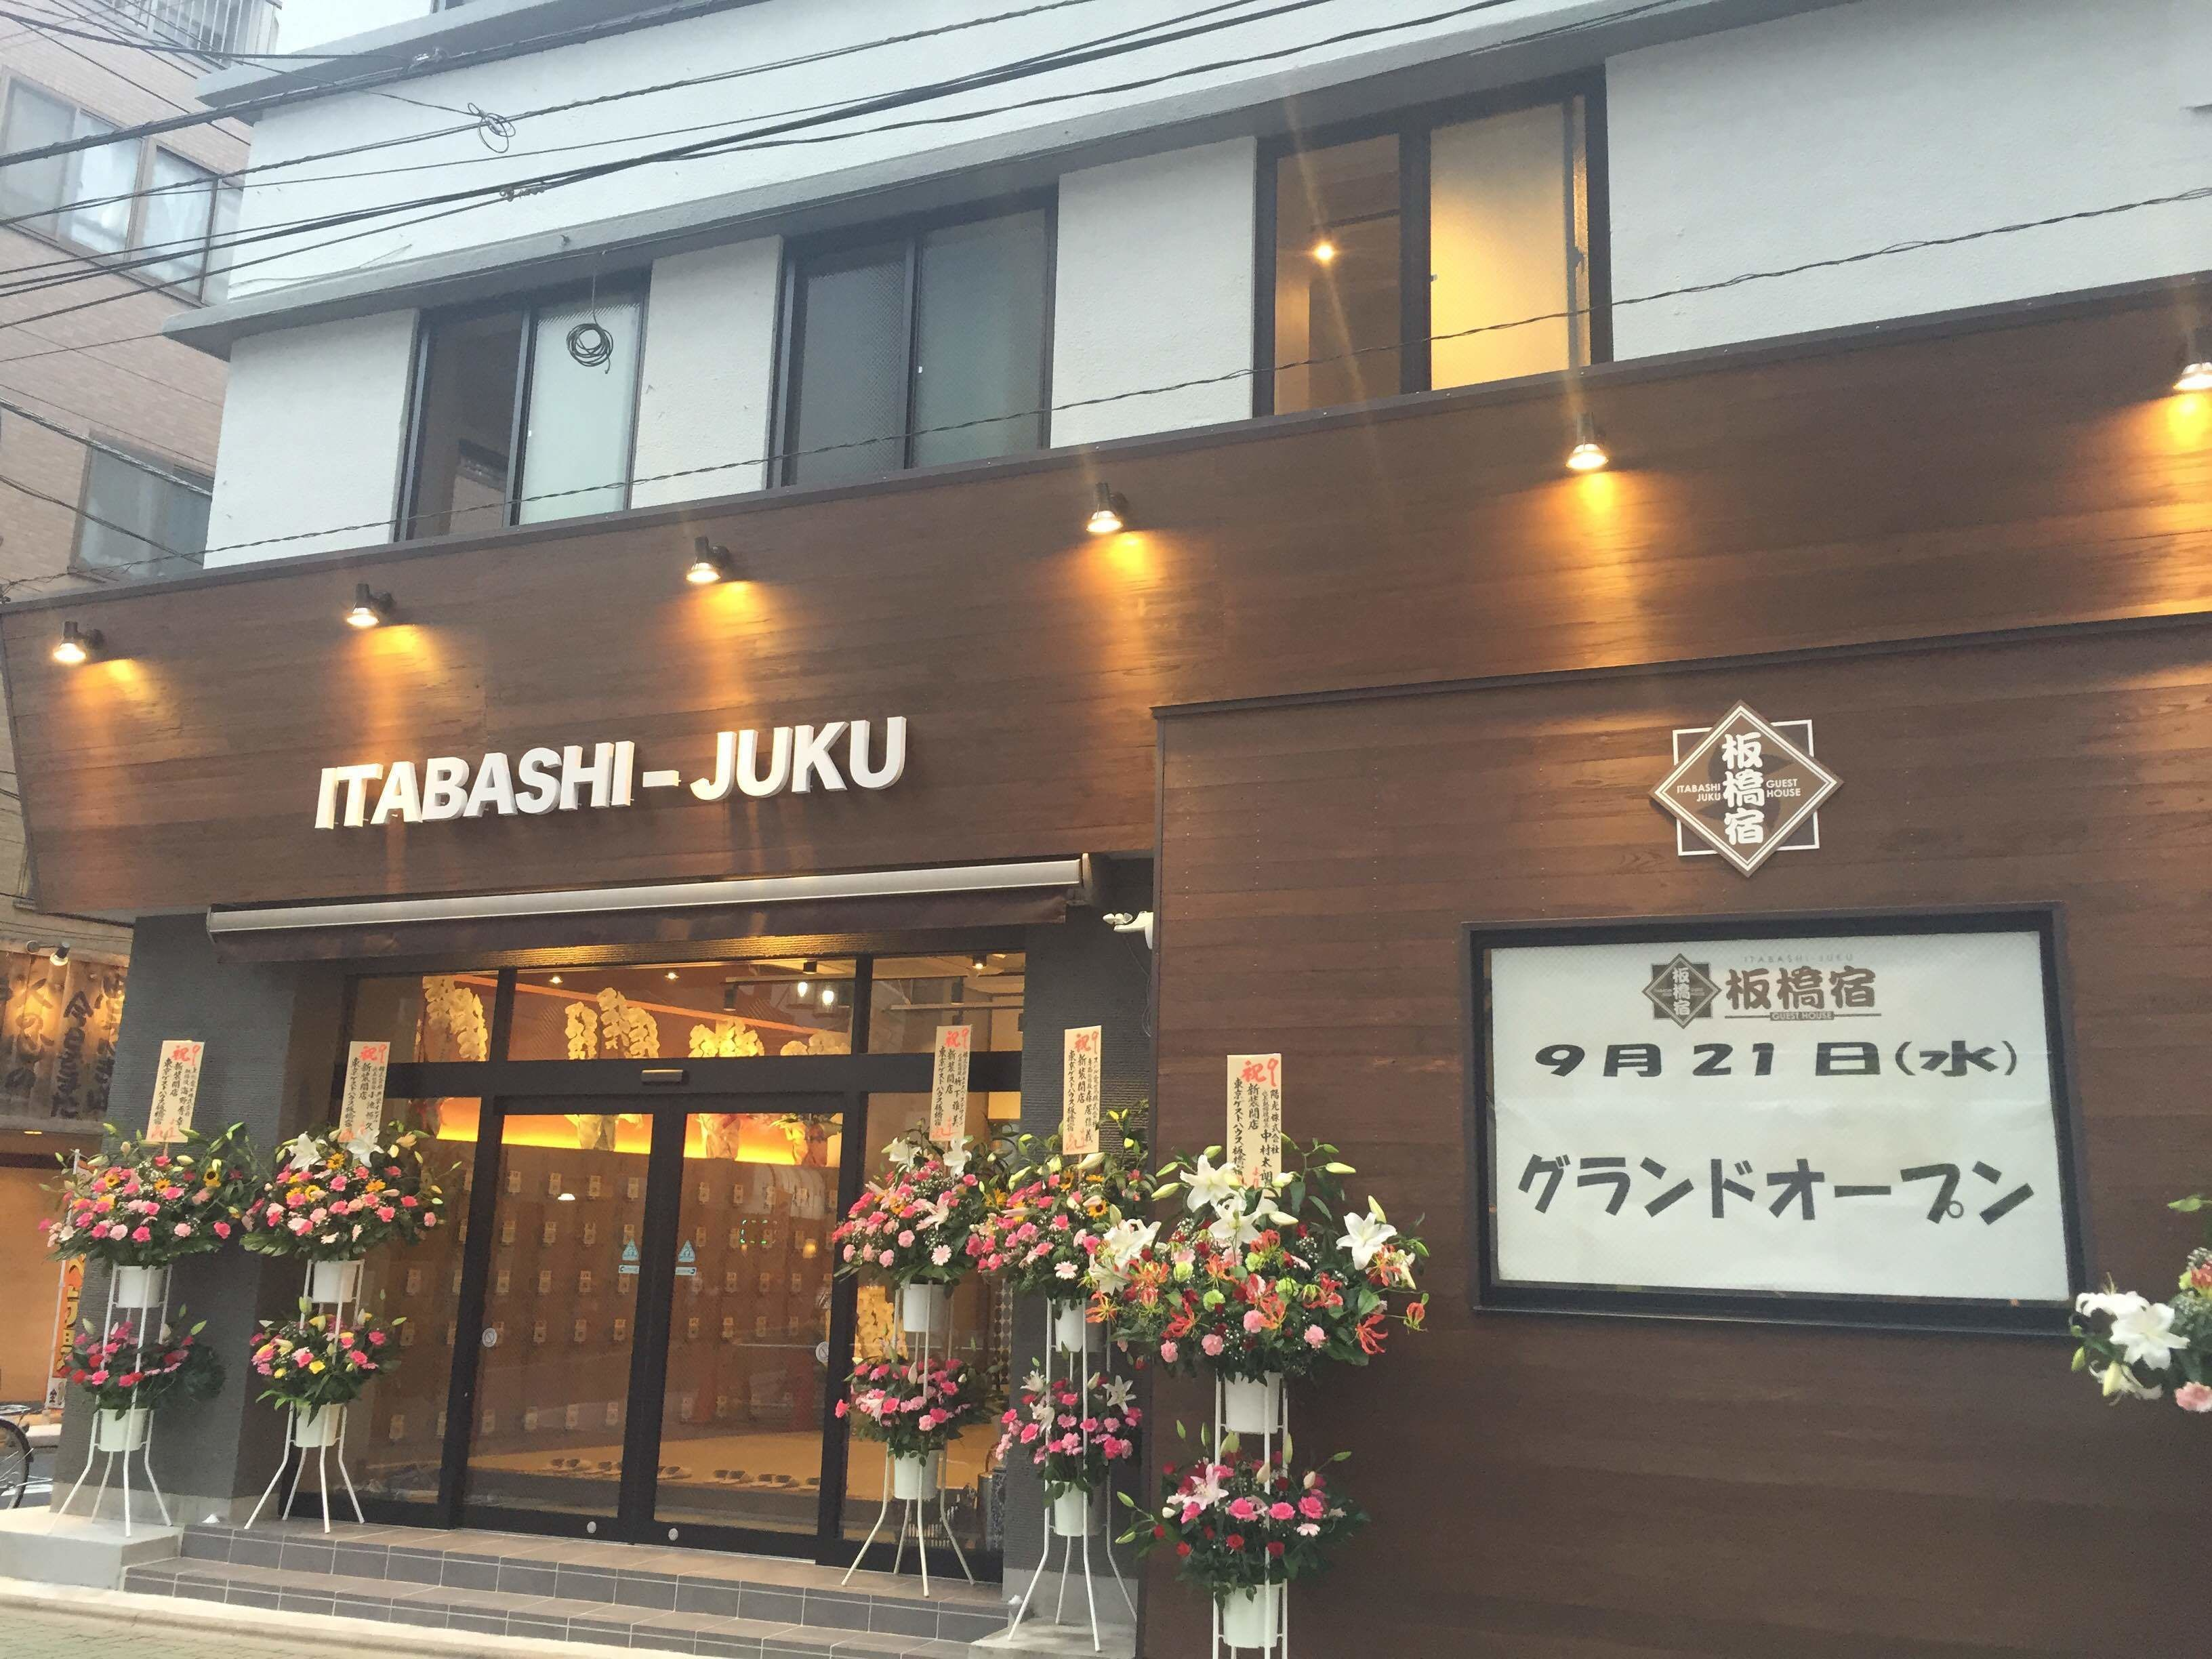 Tokyo Guest House Itabashijuku Hostel